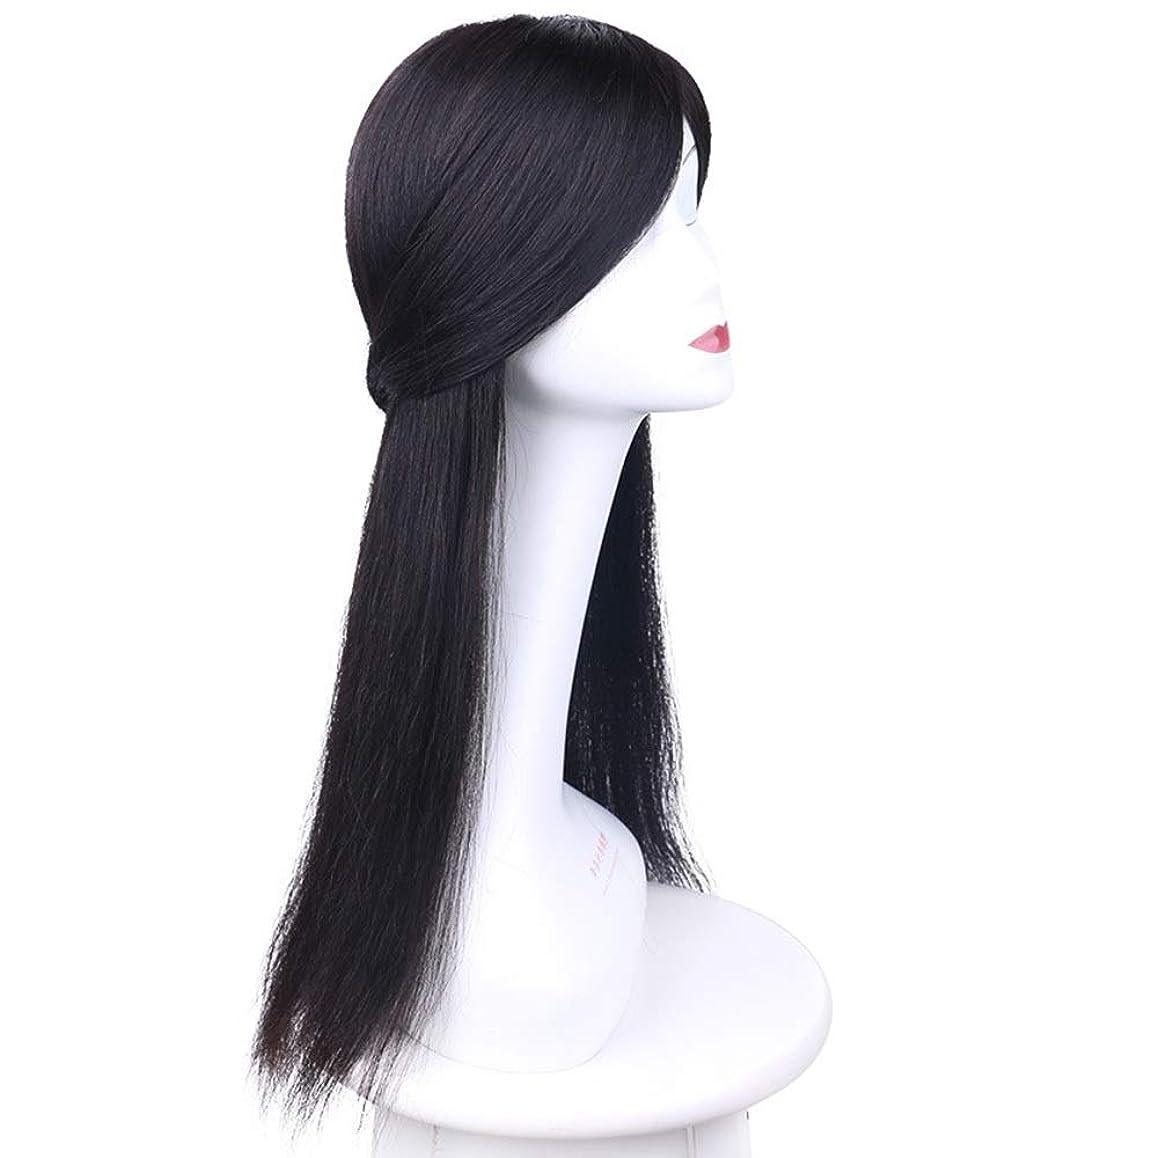 シャッター豊富ウミウシHOHYLLYA 目に見えない手織りのリアルヘアウィッグロングストレートヘアウィッグ女性用ウィッグ (色 : Natural black, サイズ : (hand woven) 50cm)